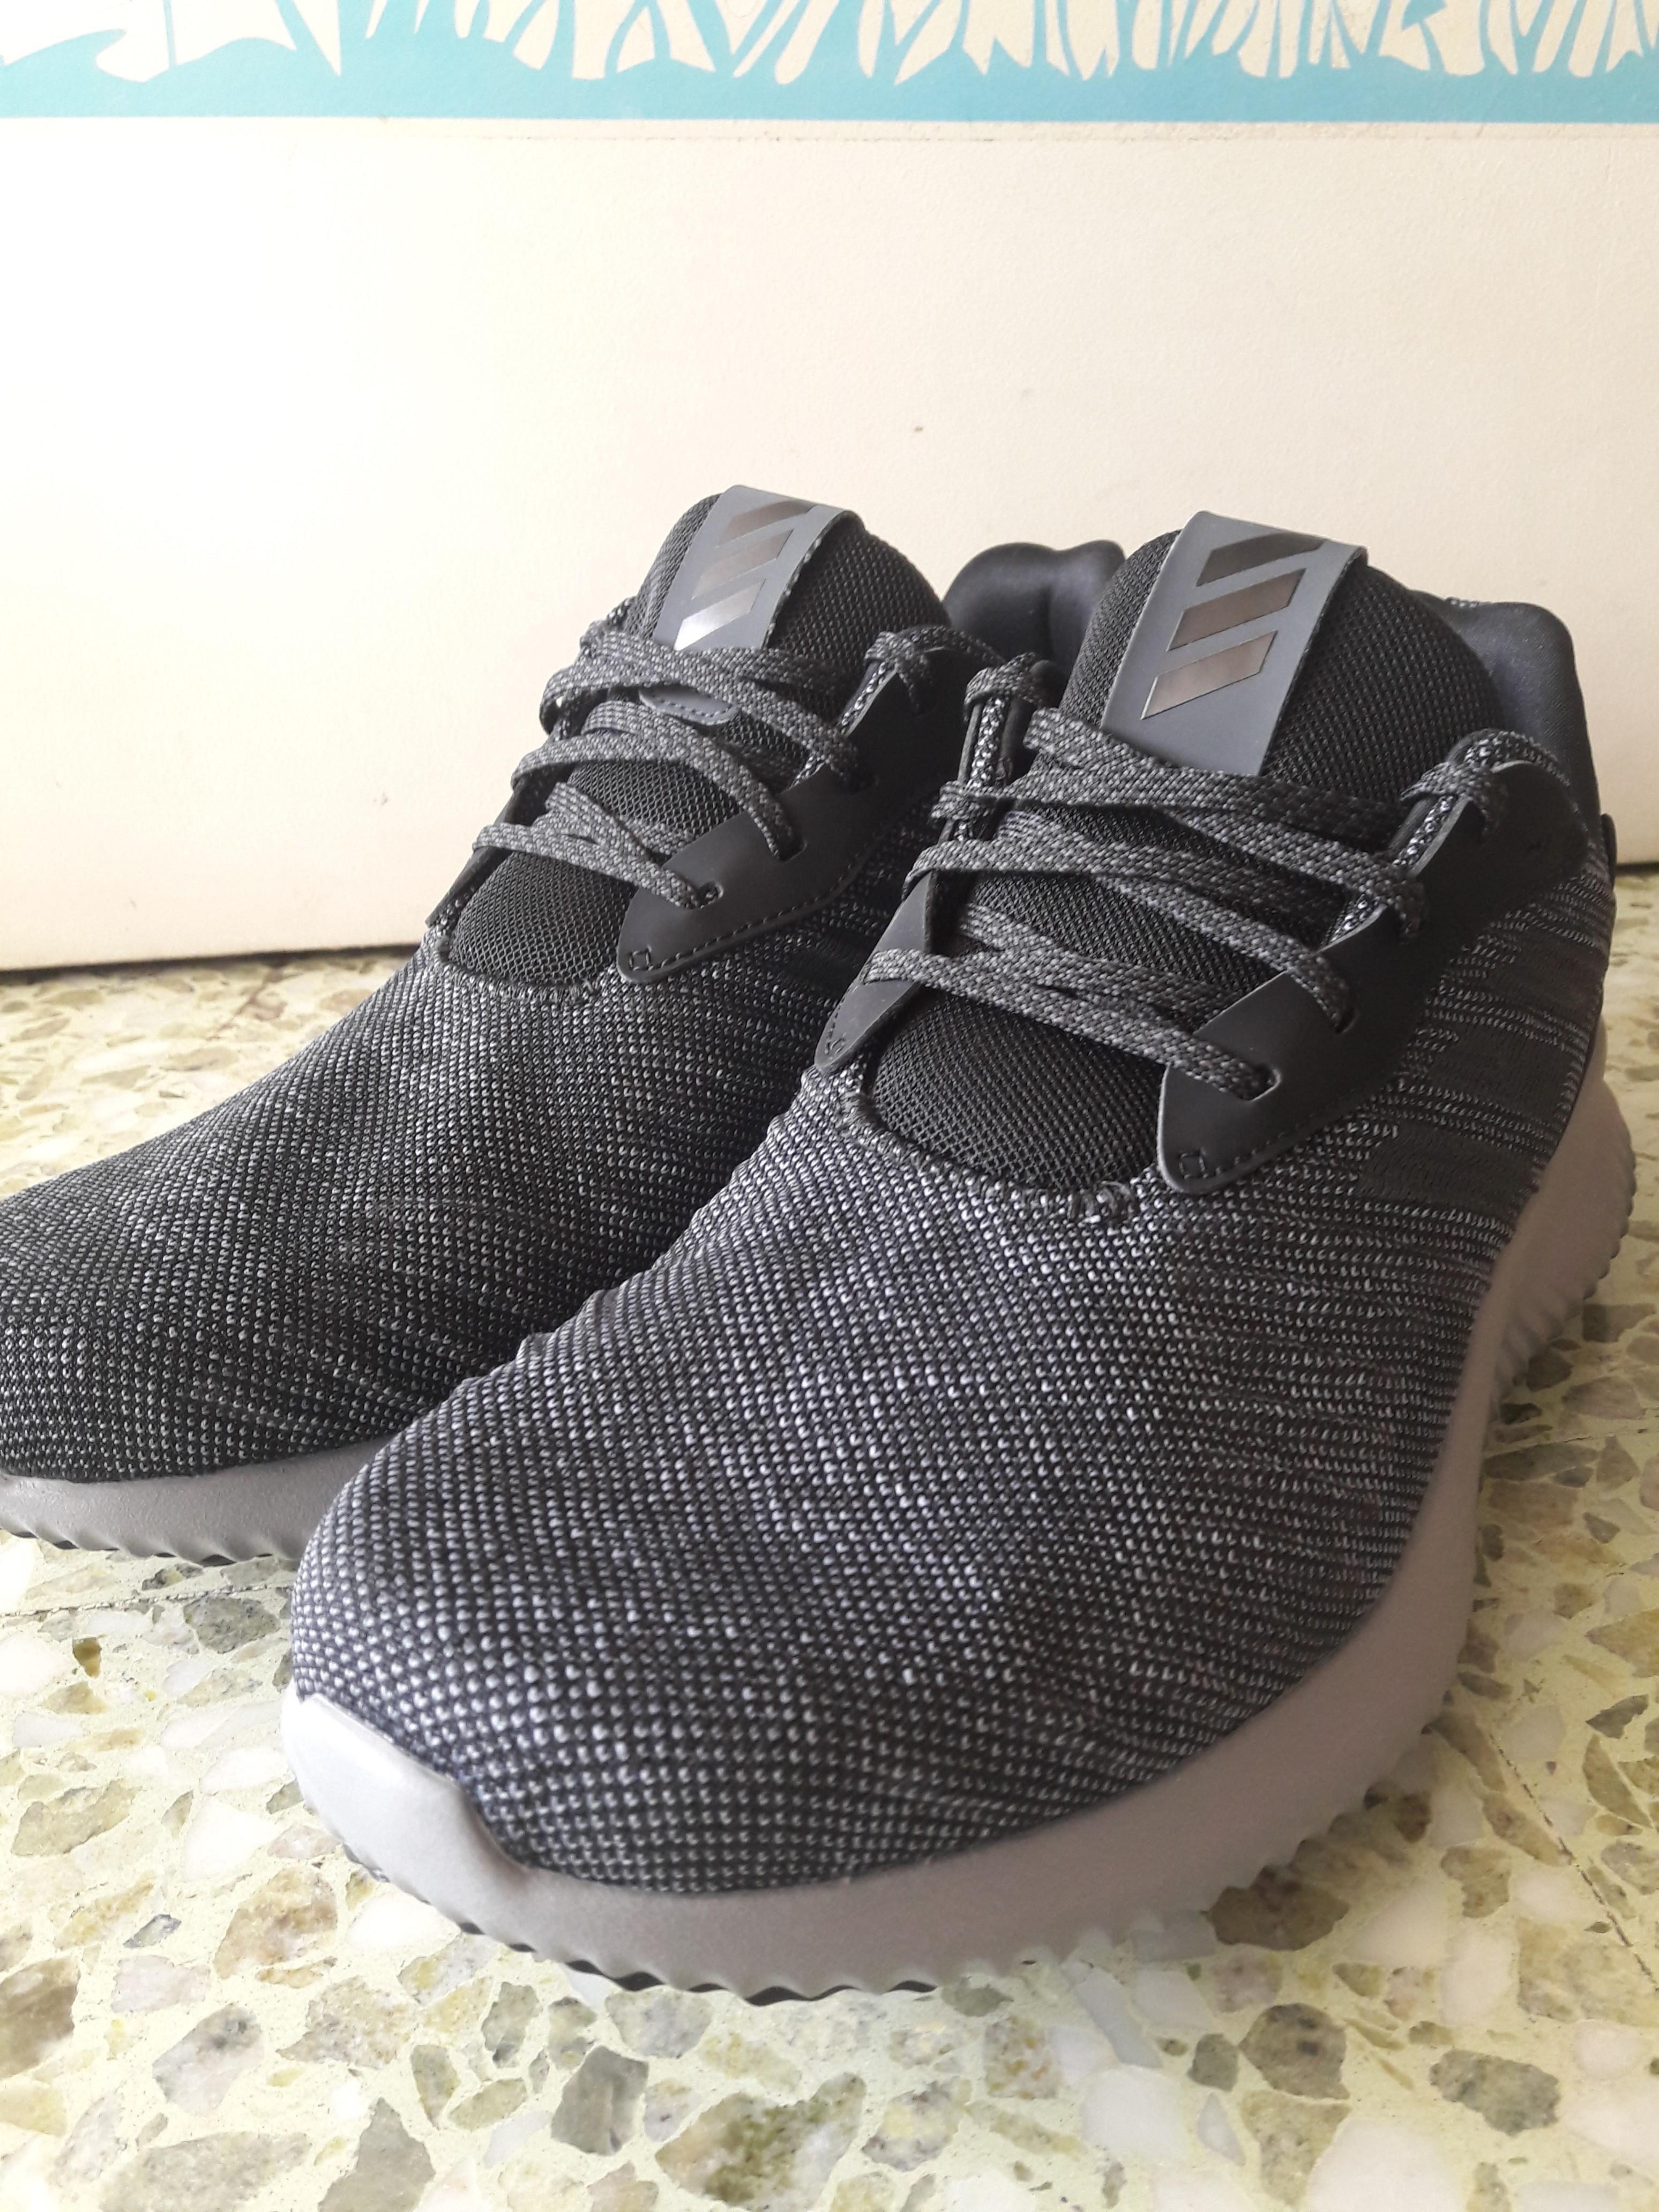 1f6886d72f3df Adidas Alphabounce black grey